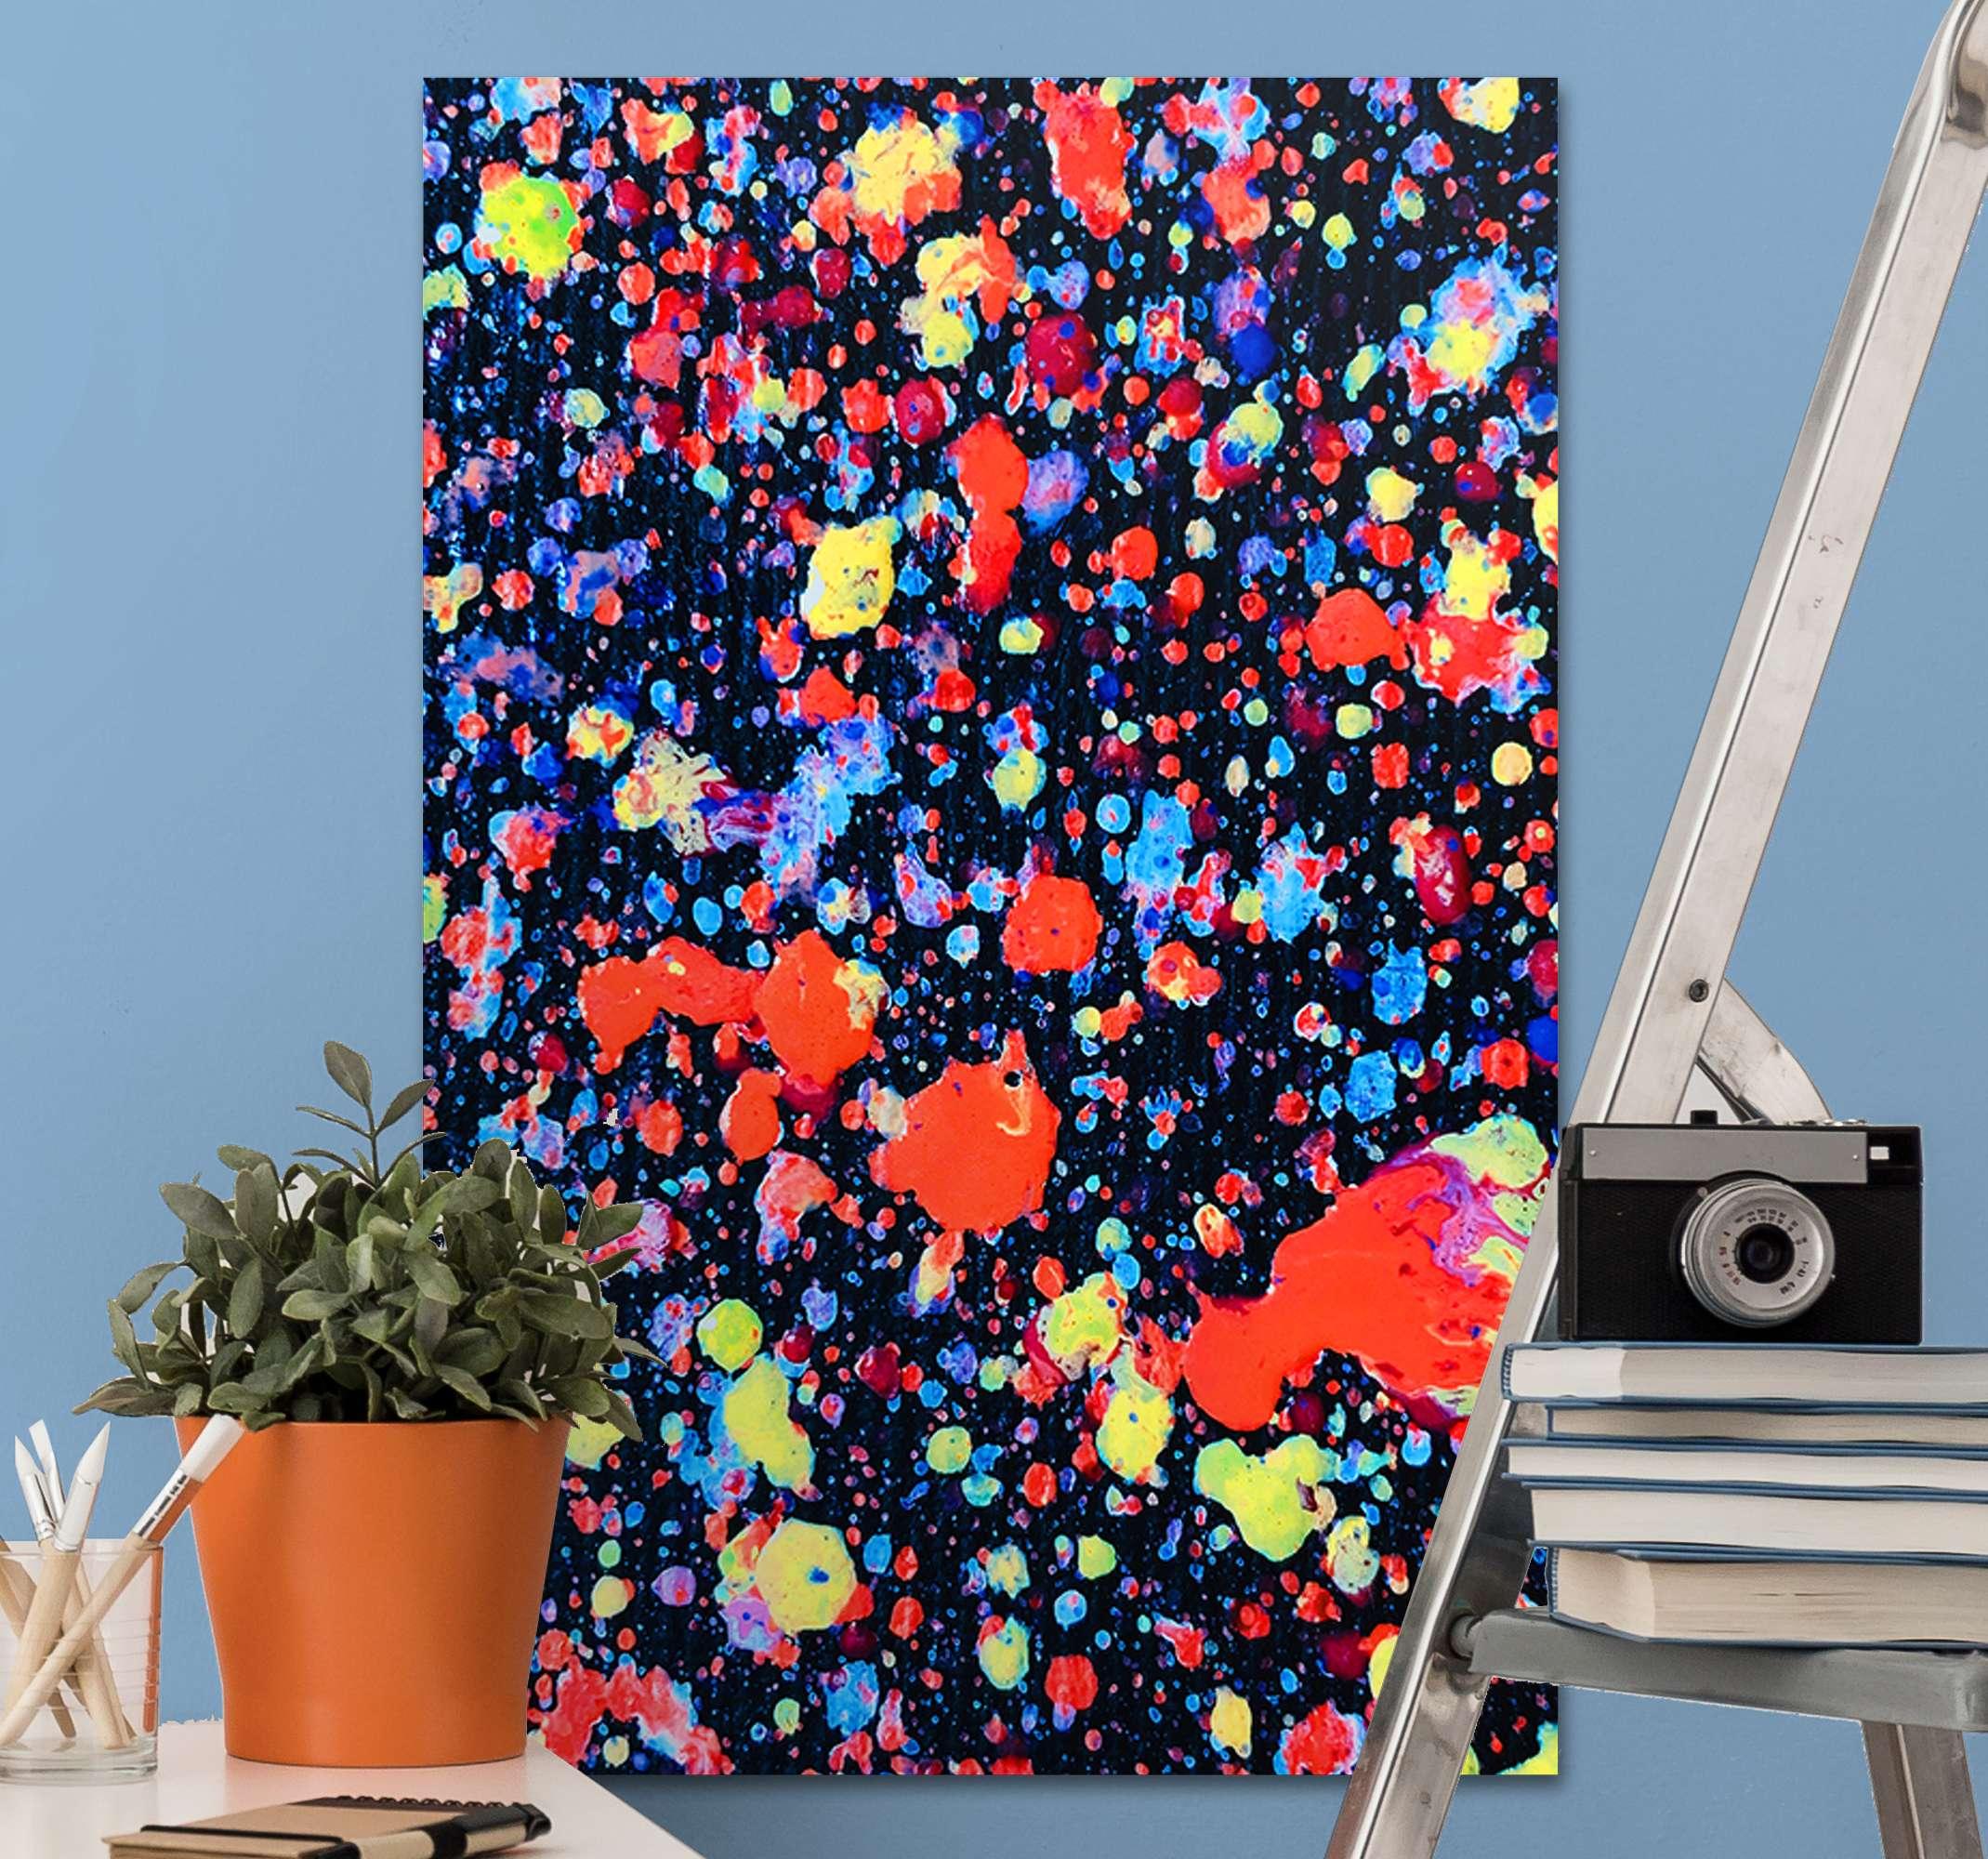 TenStickers. Eksplosion farver soveværelse lærred væg kunst. Giv din kunstneriske personlighed liv med tekstur og dybde i denne farveeksplosioner abstrakt lærred væg kunst.